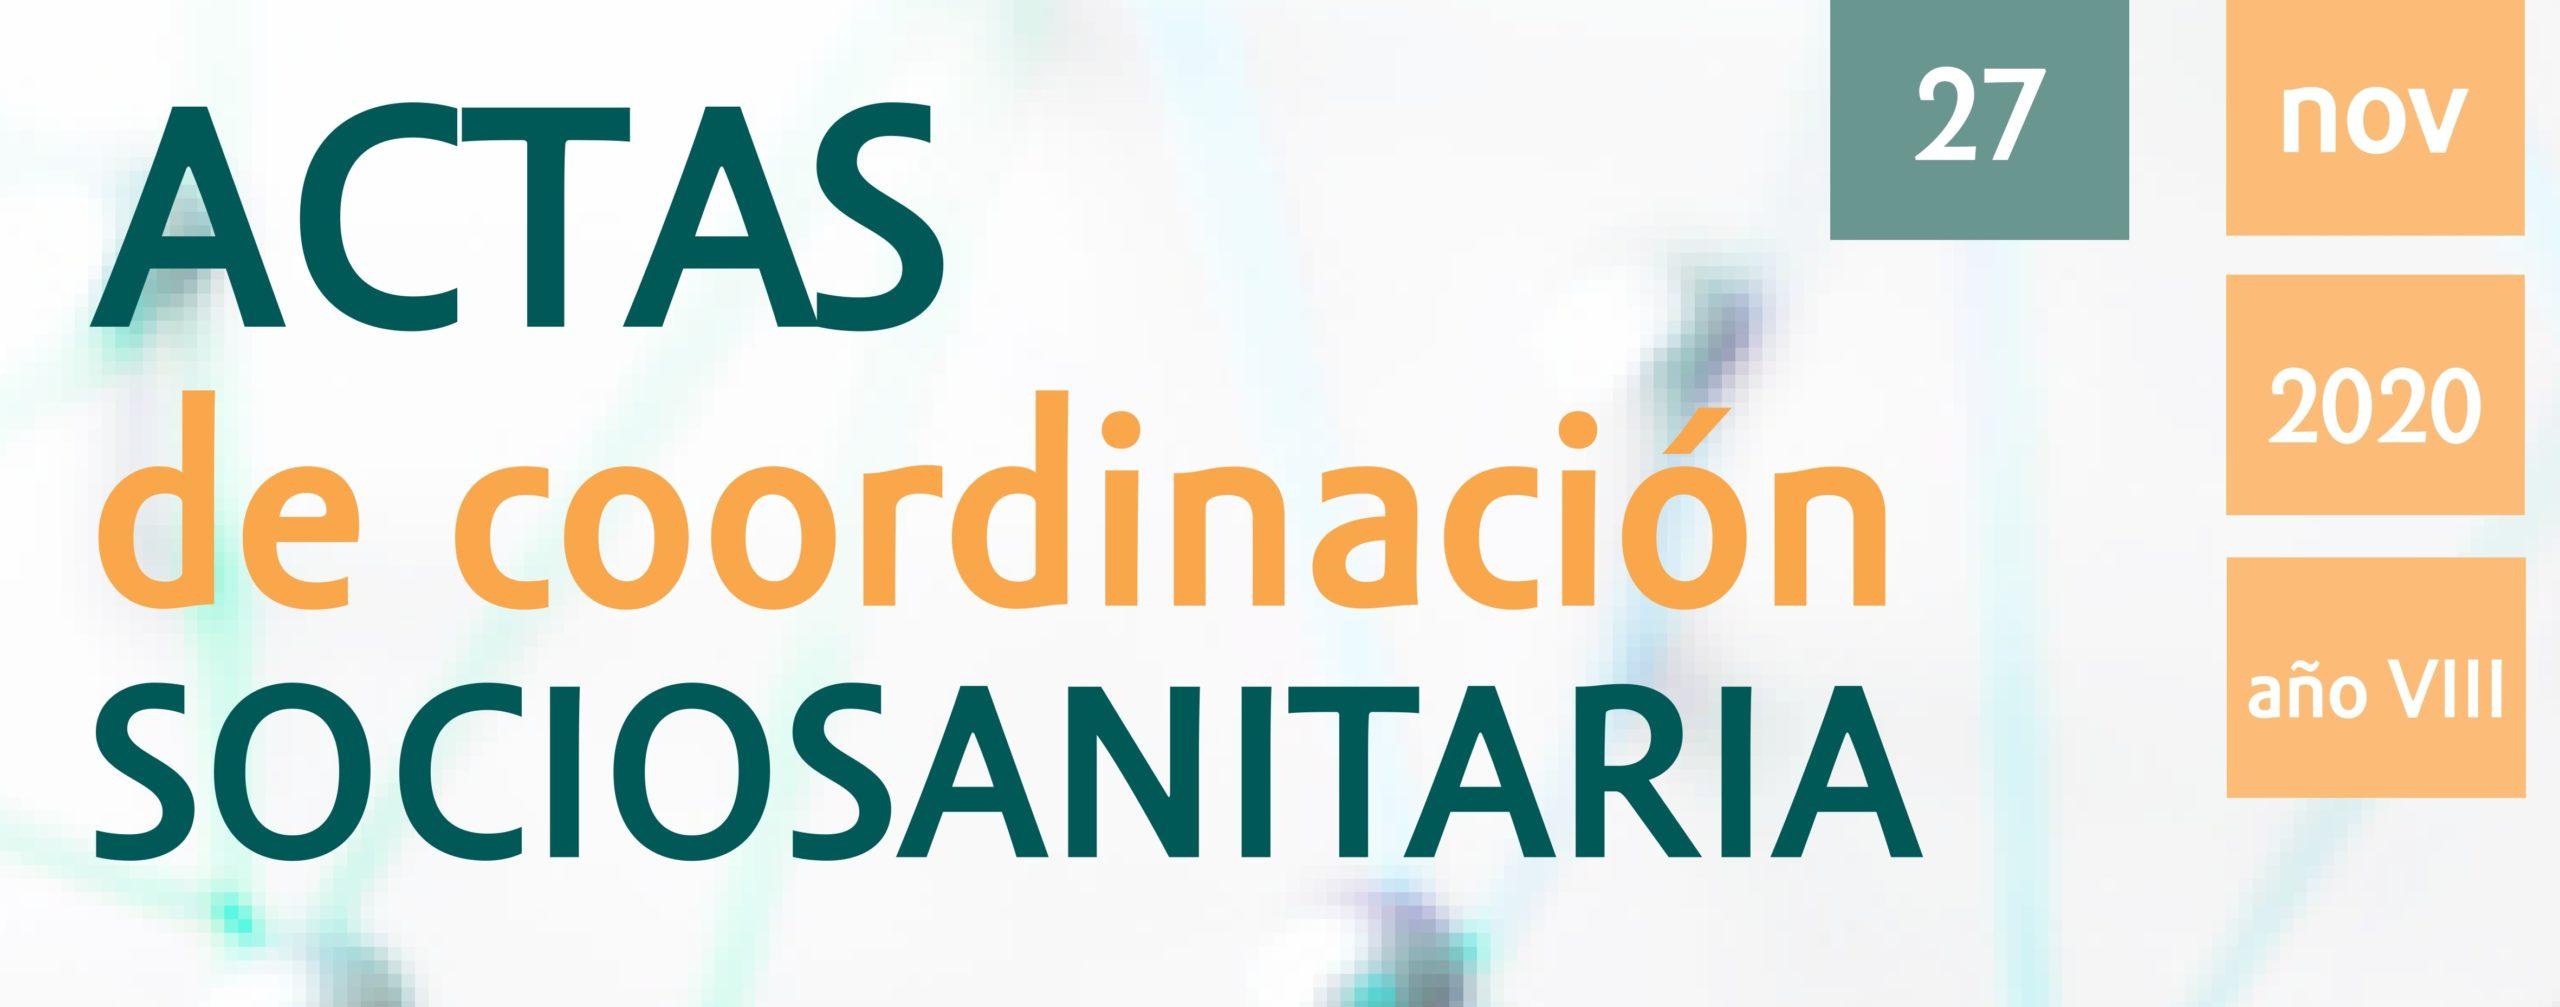 Actas de Coordinación Sociosanitaria 27